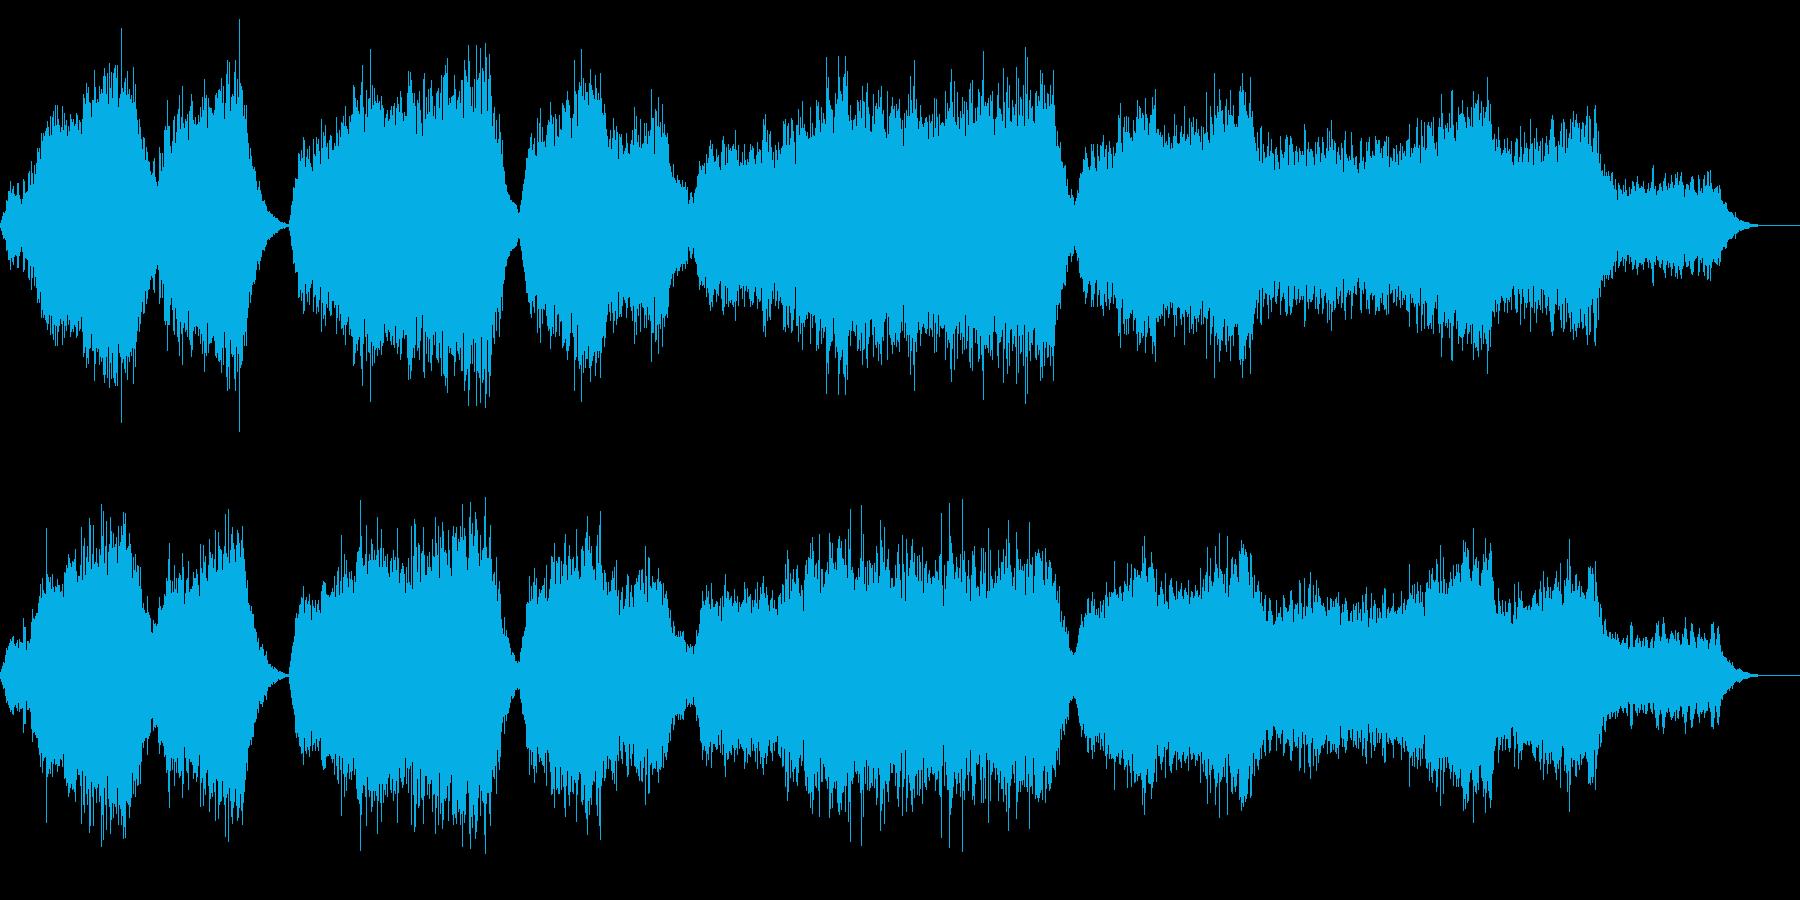 心癒されるアンビエント音楽の再生済みの波形